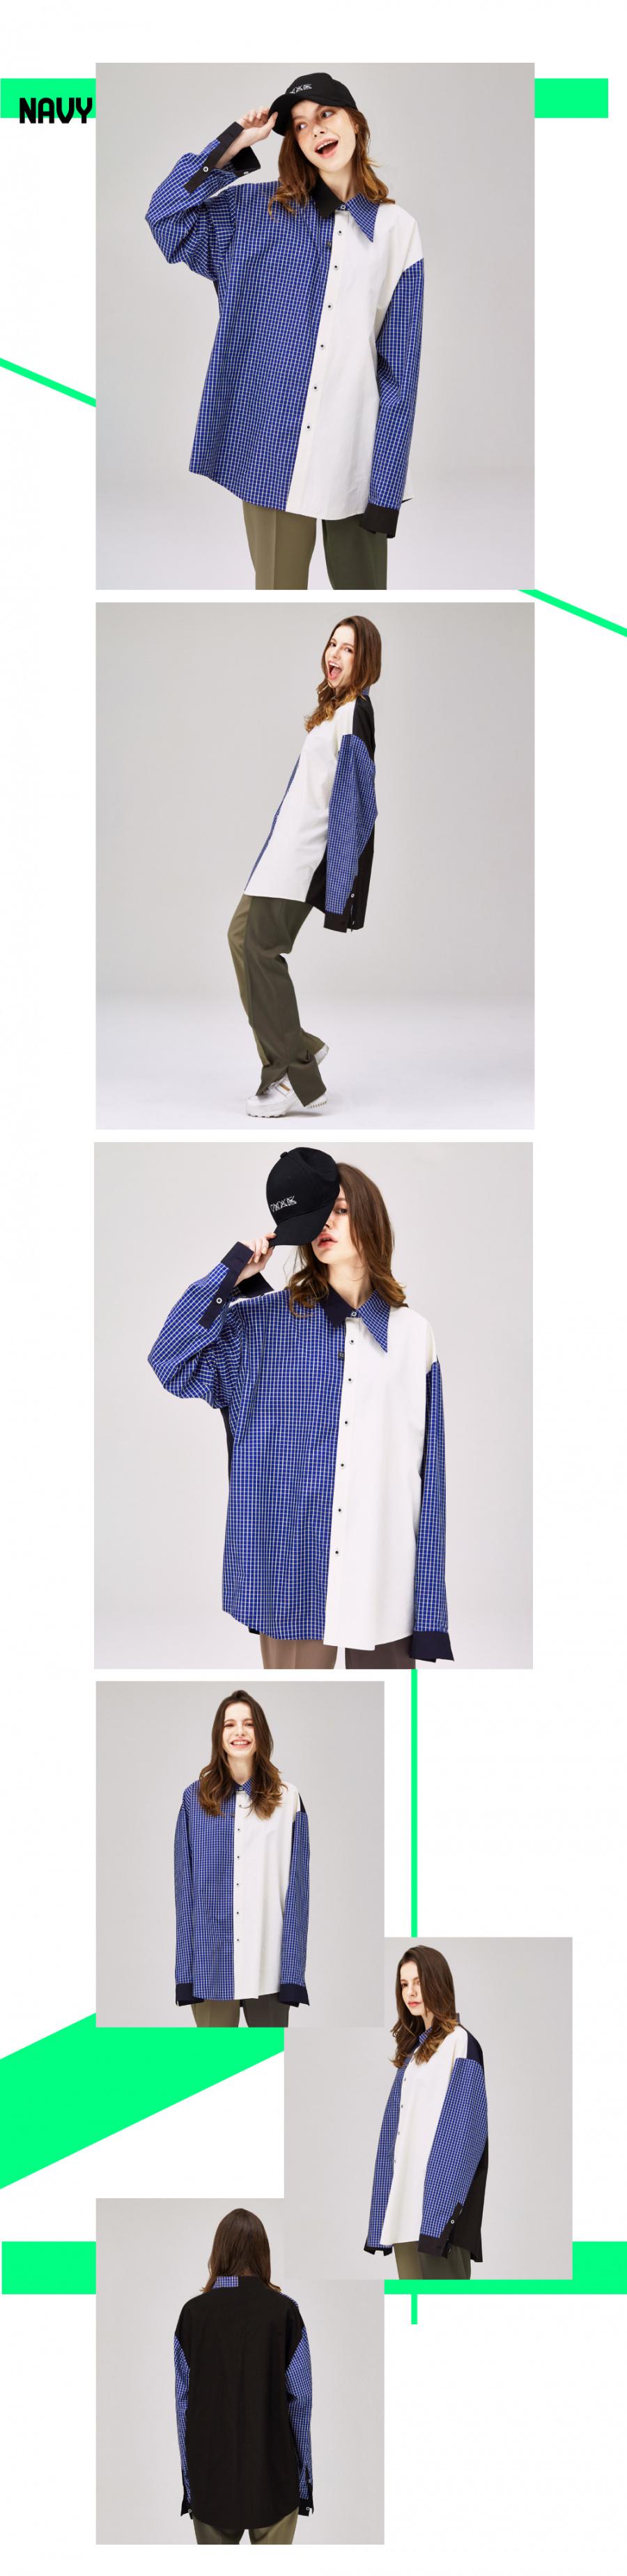 럽유어(LUVUR) [유니섹스] 언밸런스 카라(Collar) 셔츠_Navy